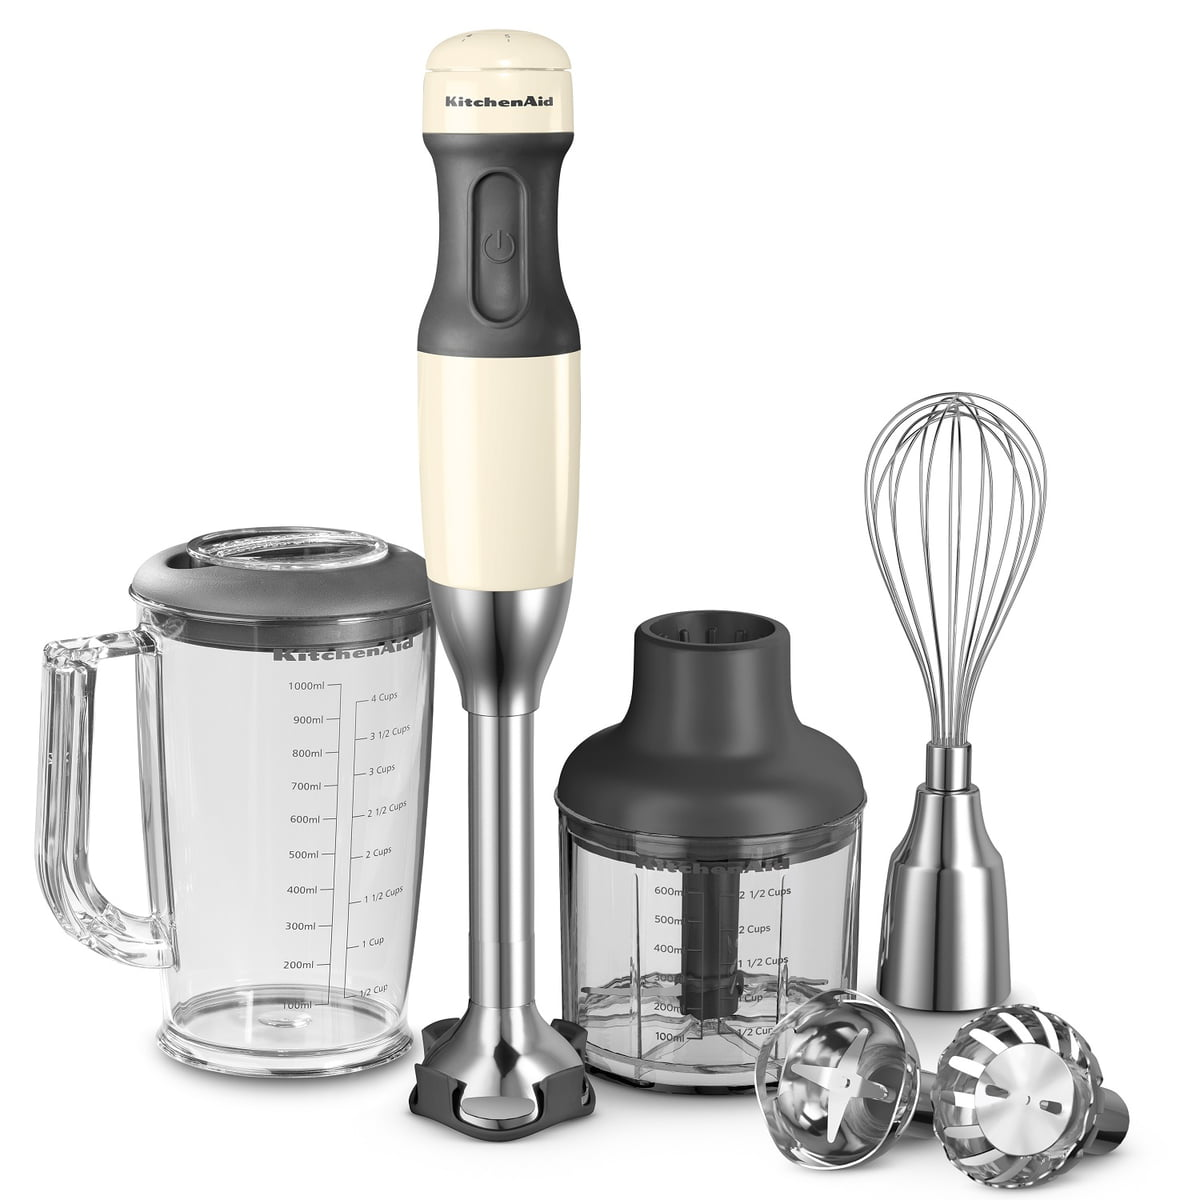 Kitchenaid Hand Blender hand blenderkitchenaid in the home design shop